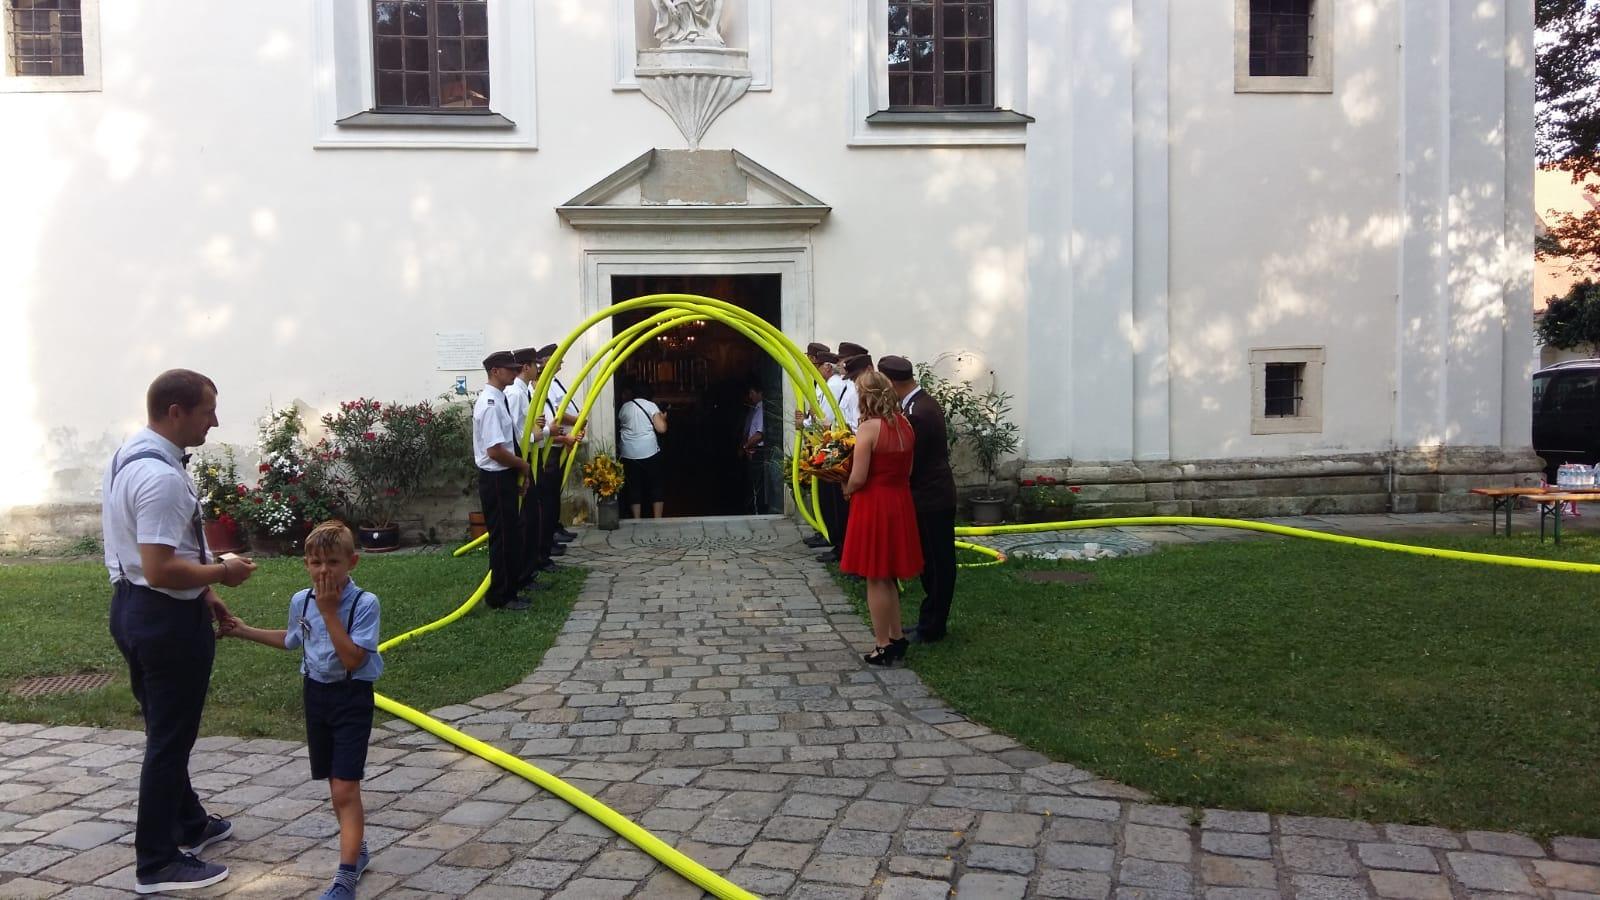 Freiwilligen Feuerwehr Goritz Bei Radkersburg Ff Goritzs Jimdo Page